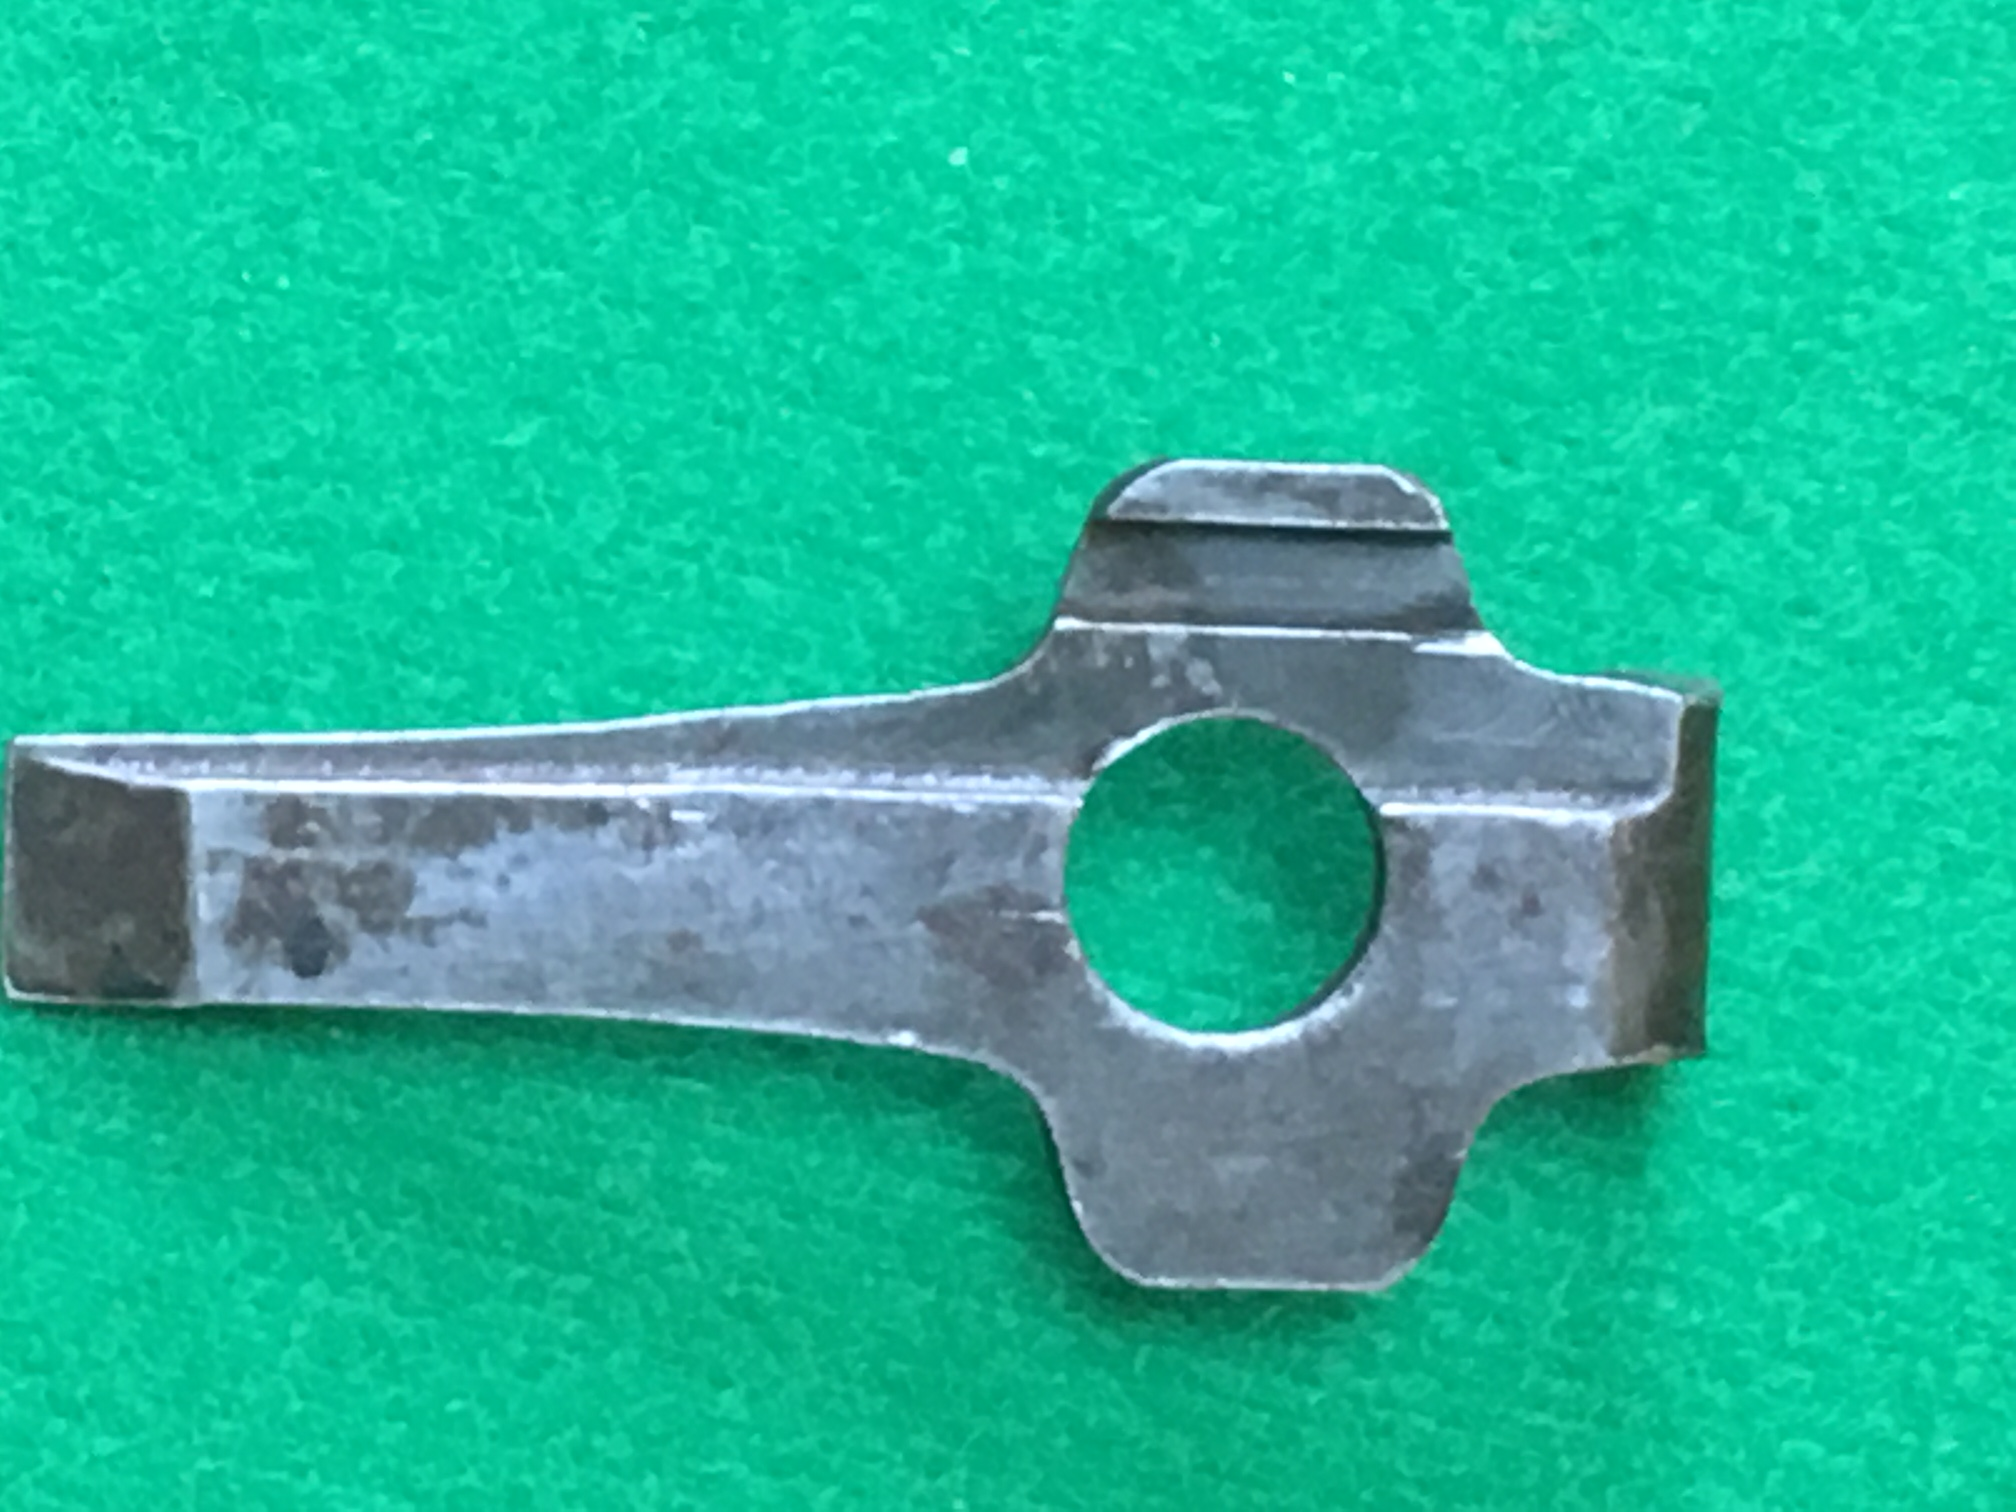 Les petits outils pour les P 08 de l'armée allemande de 1934 à 1942. 180314121150136292